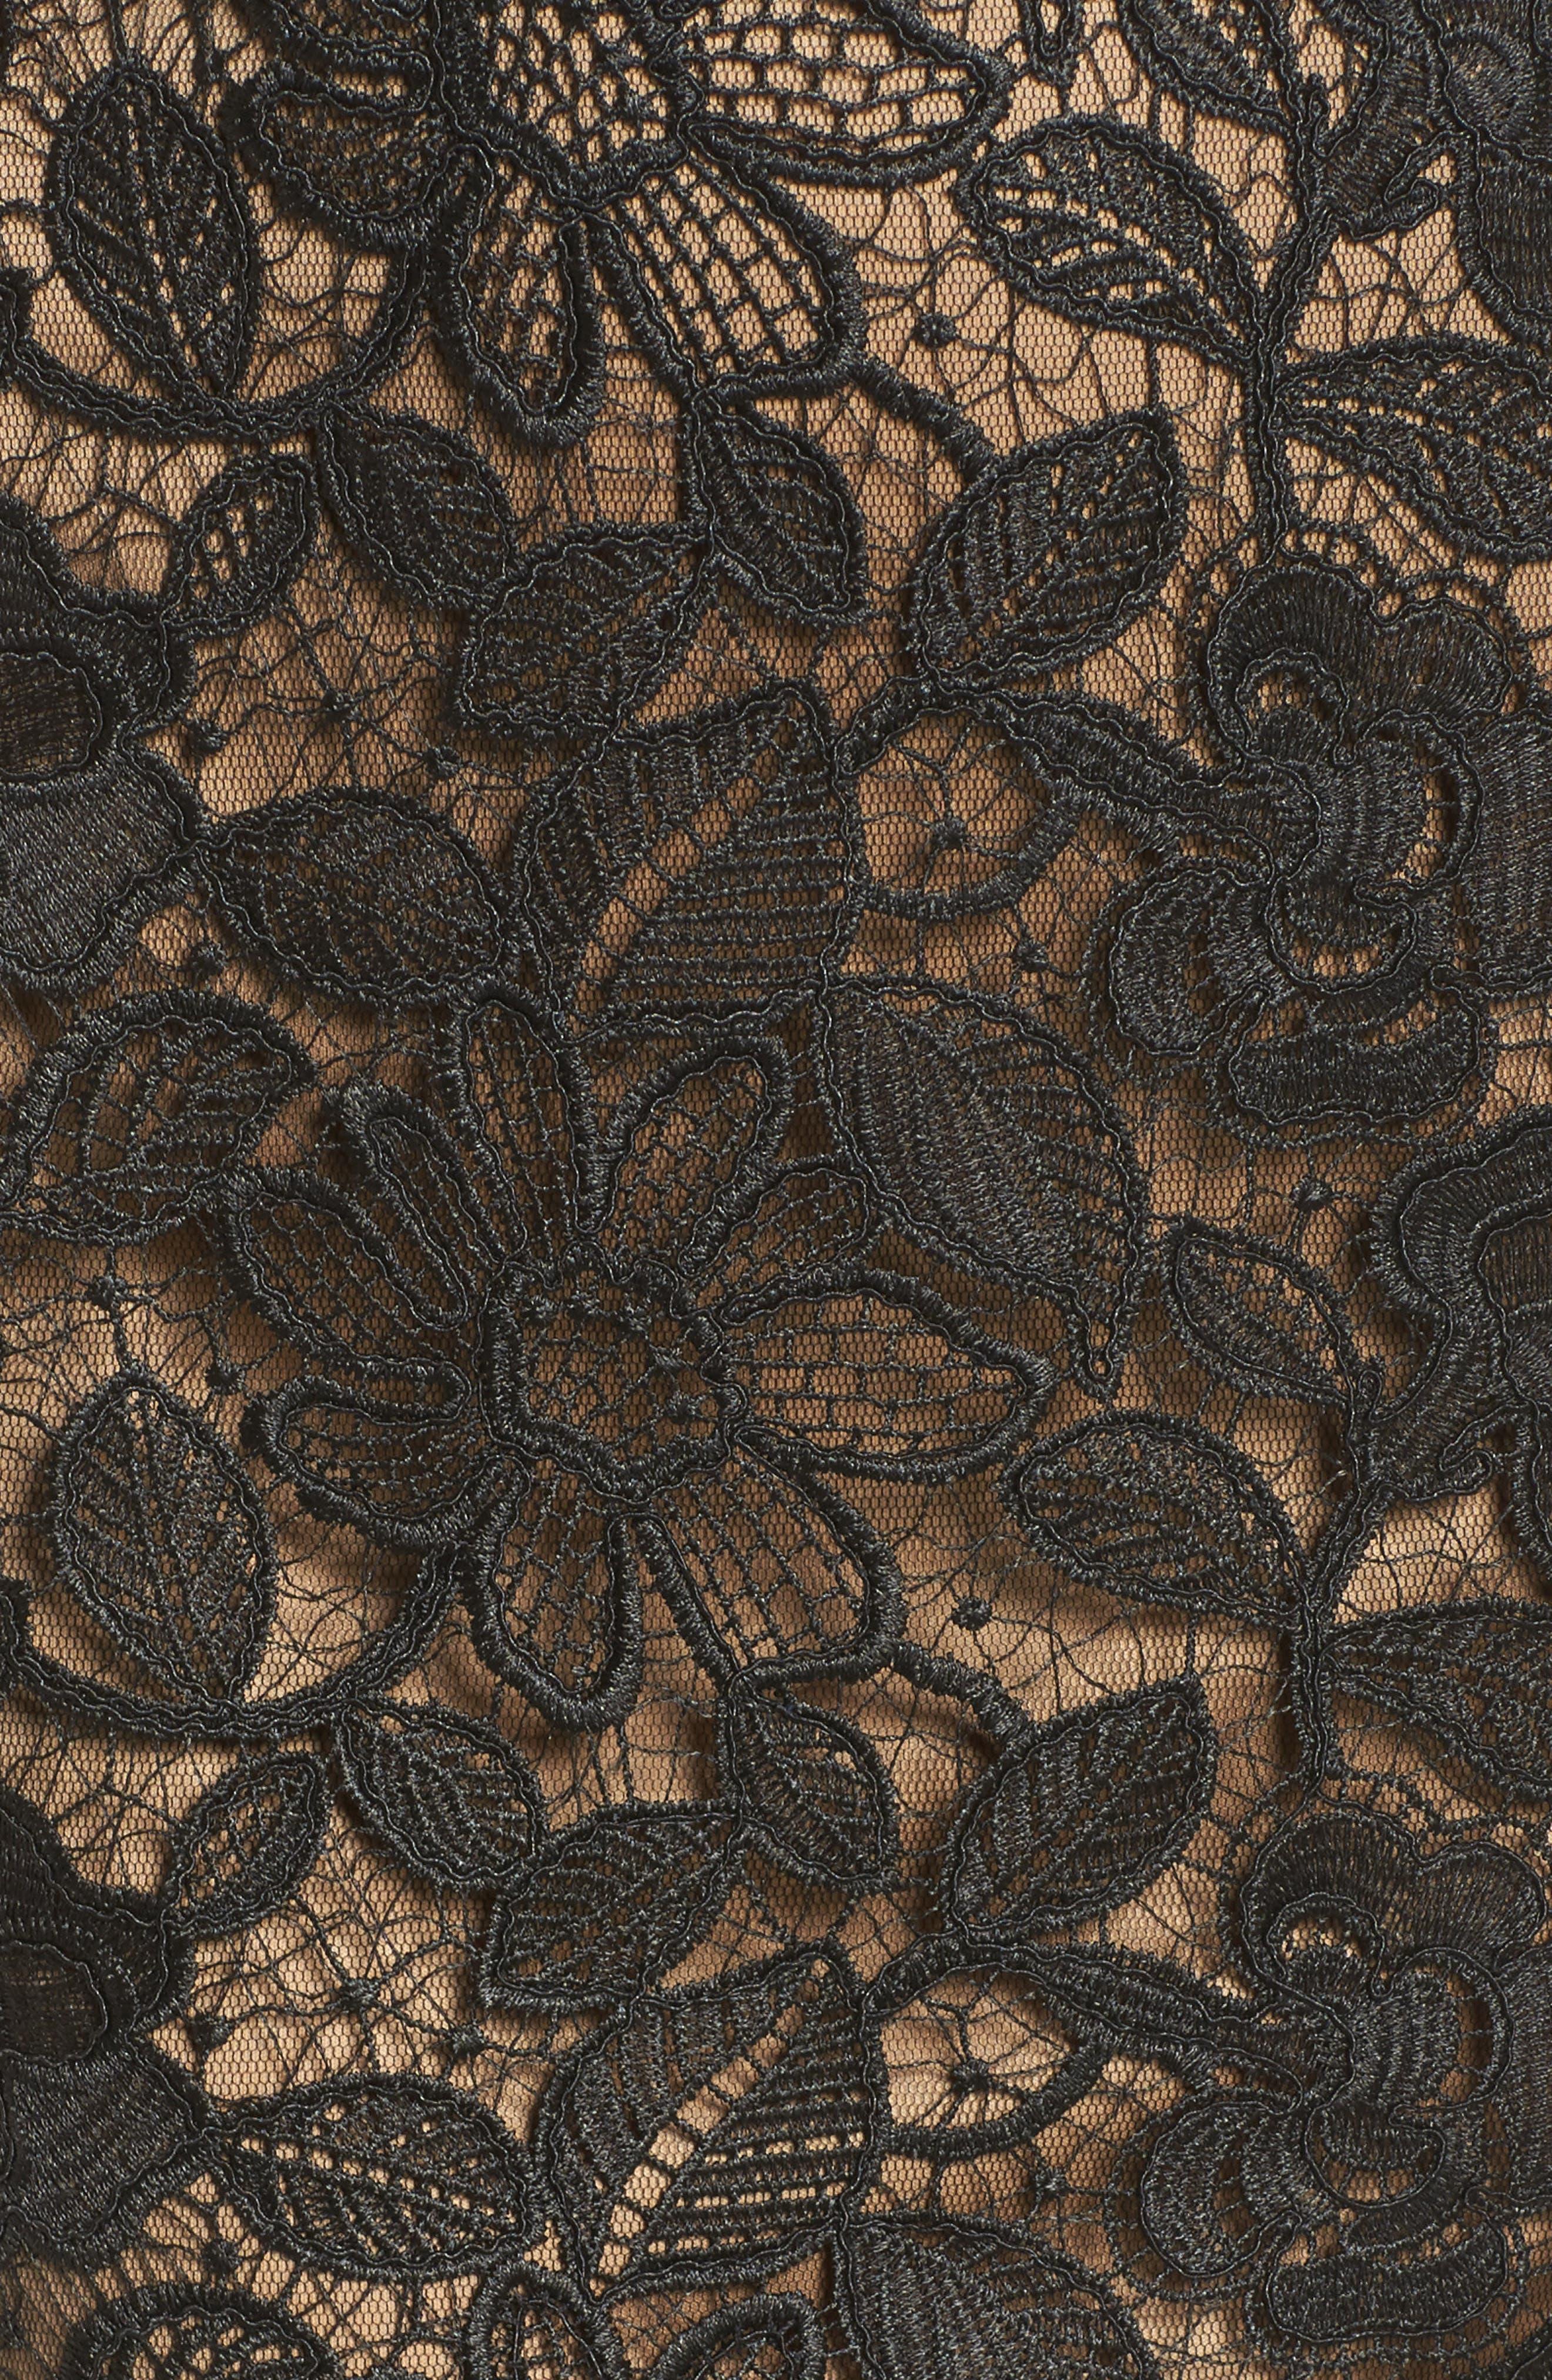 V-Neck Lace Sheath Dress,                             Alternate thumbnail 5, color,                             Black/ Nude